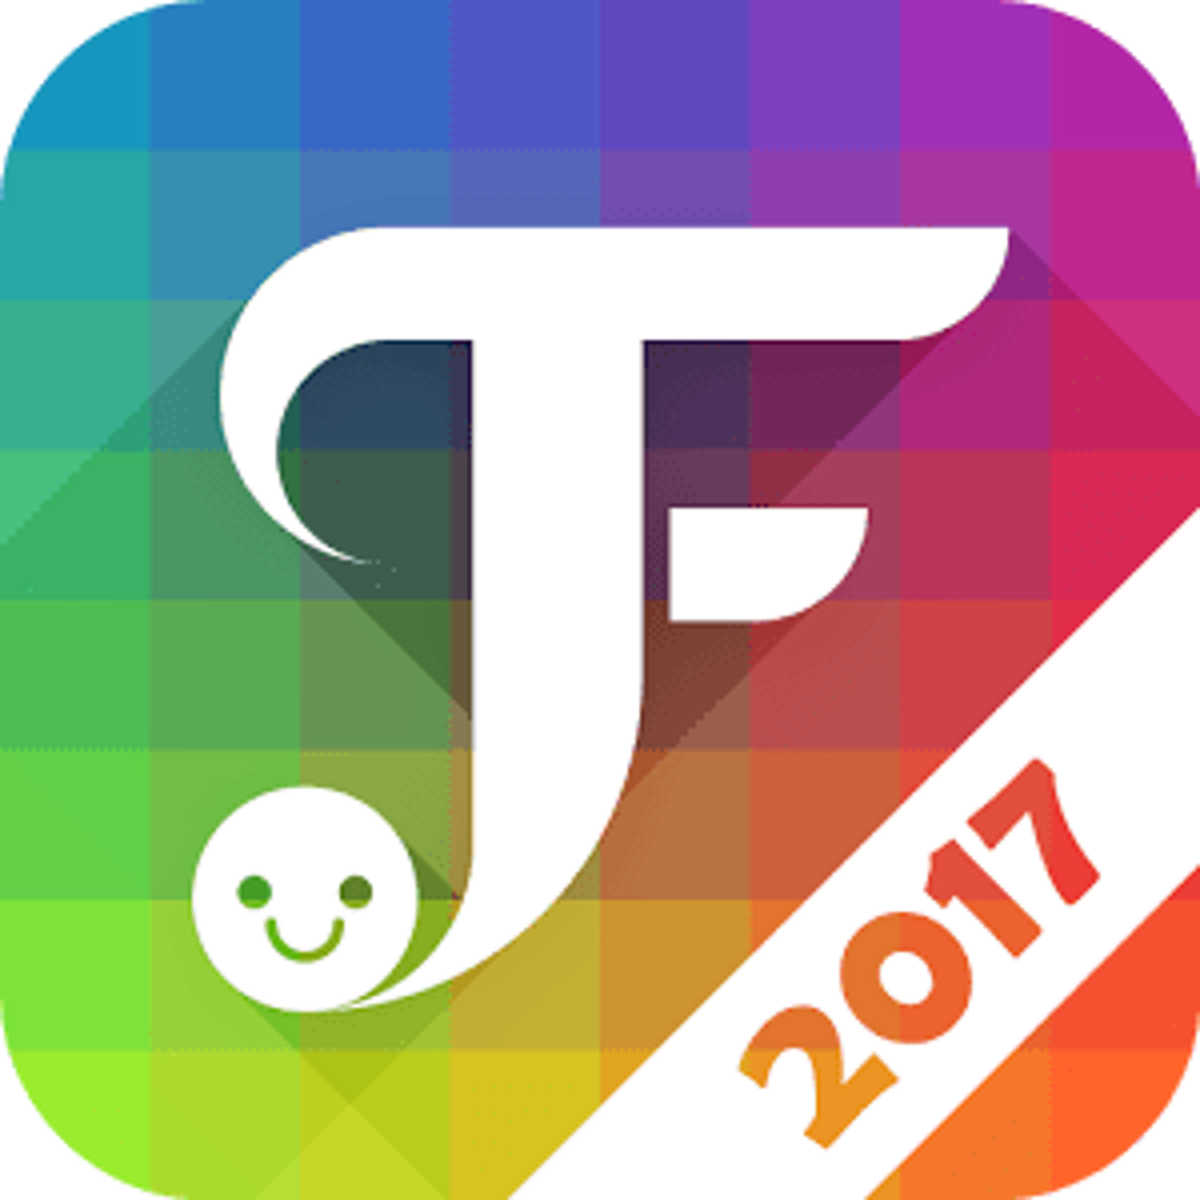 FancyKey Keyboard - Emoji, GIF